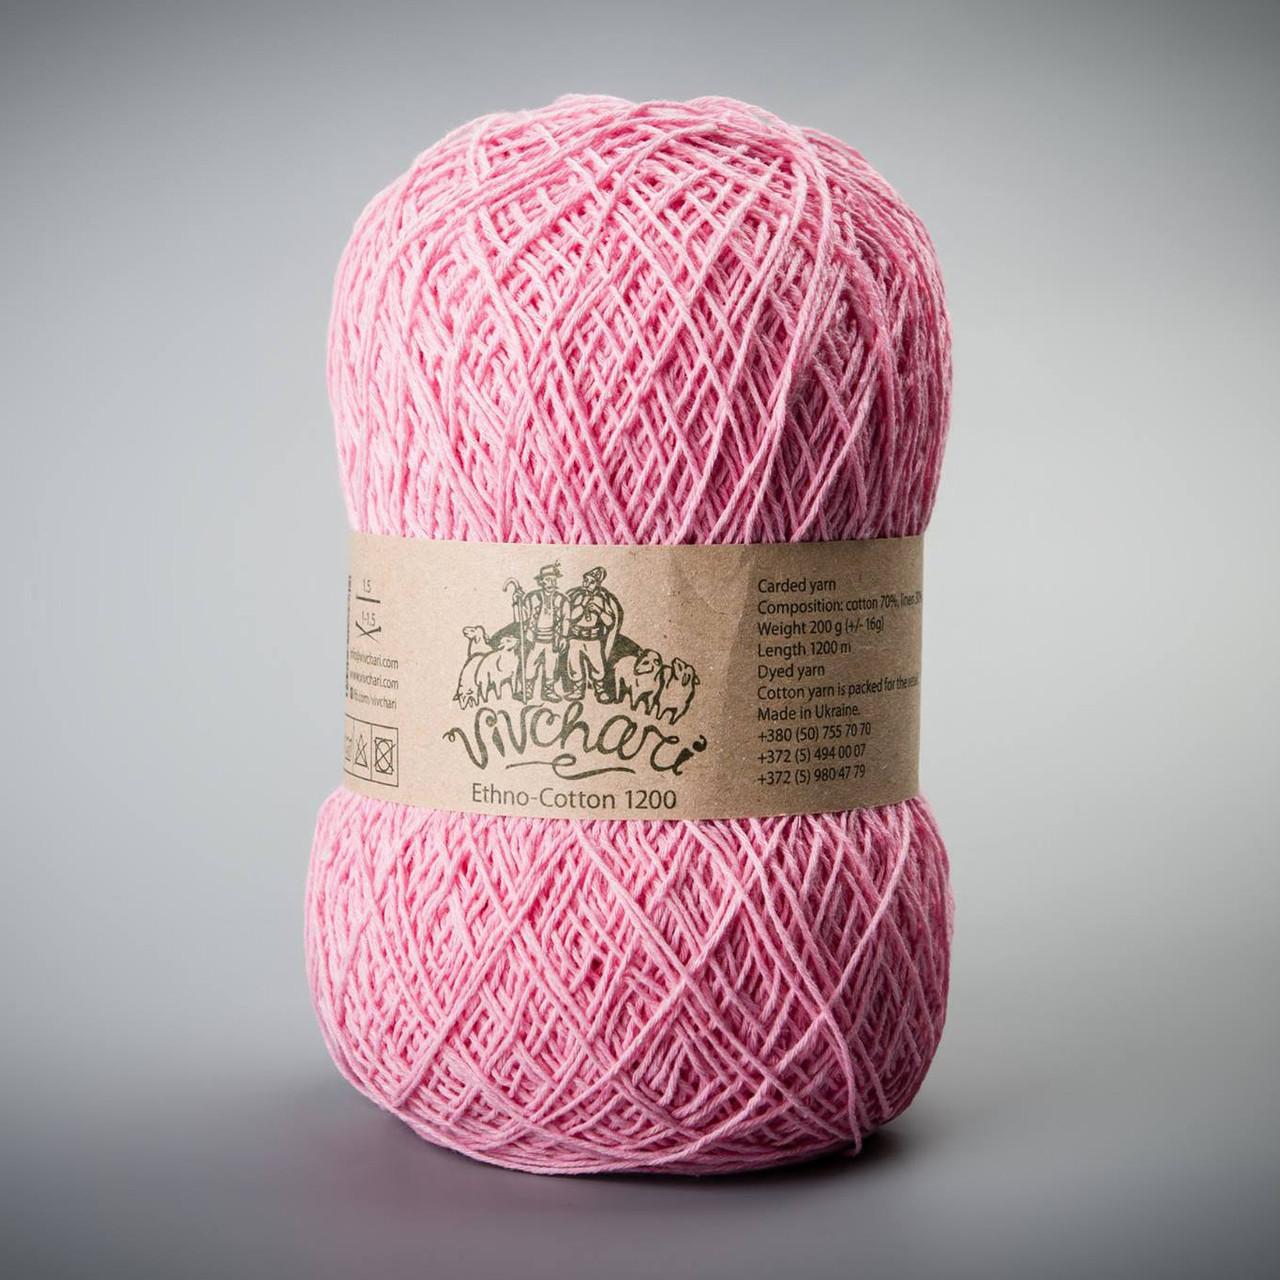 Летняя пряжа Vivchari Ethno-Cotton 1200, цвет 022 розовый